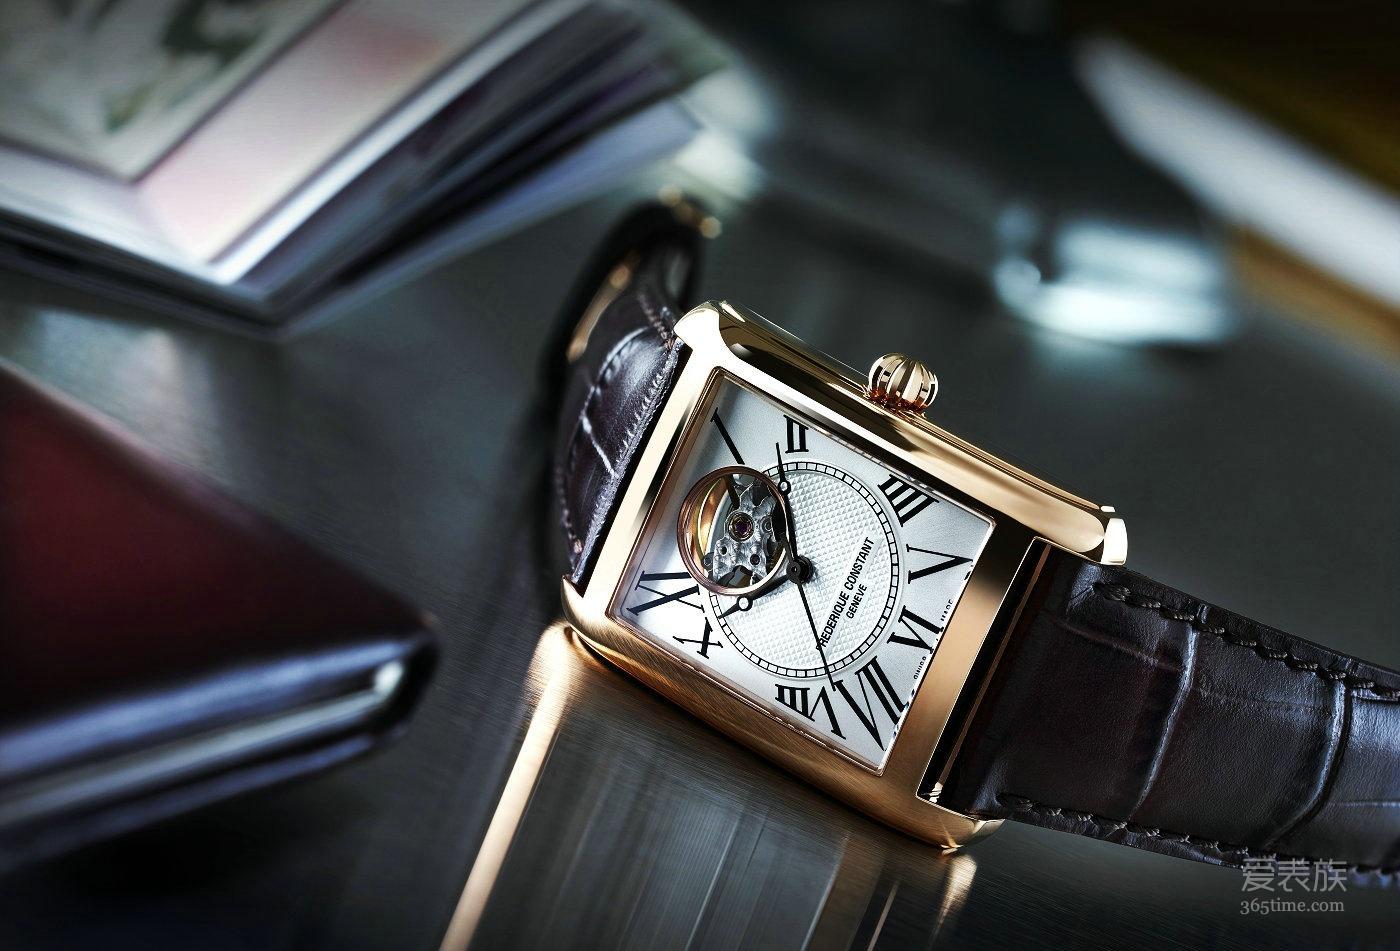 康斯登推出以复古时计为灵感的经典方形复兴腕表